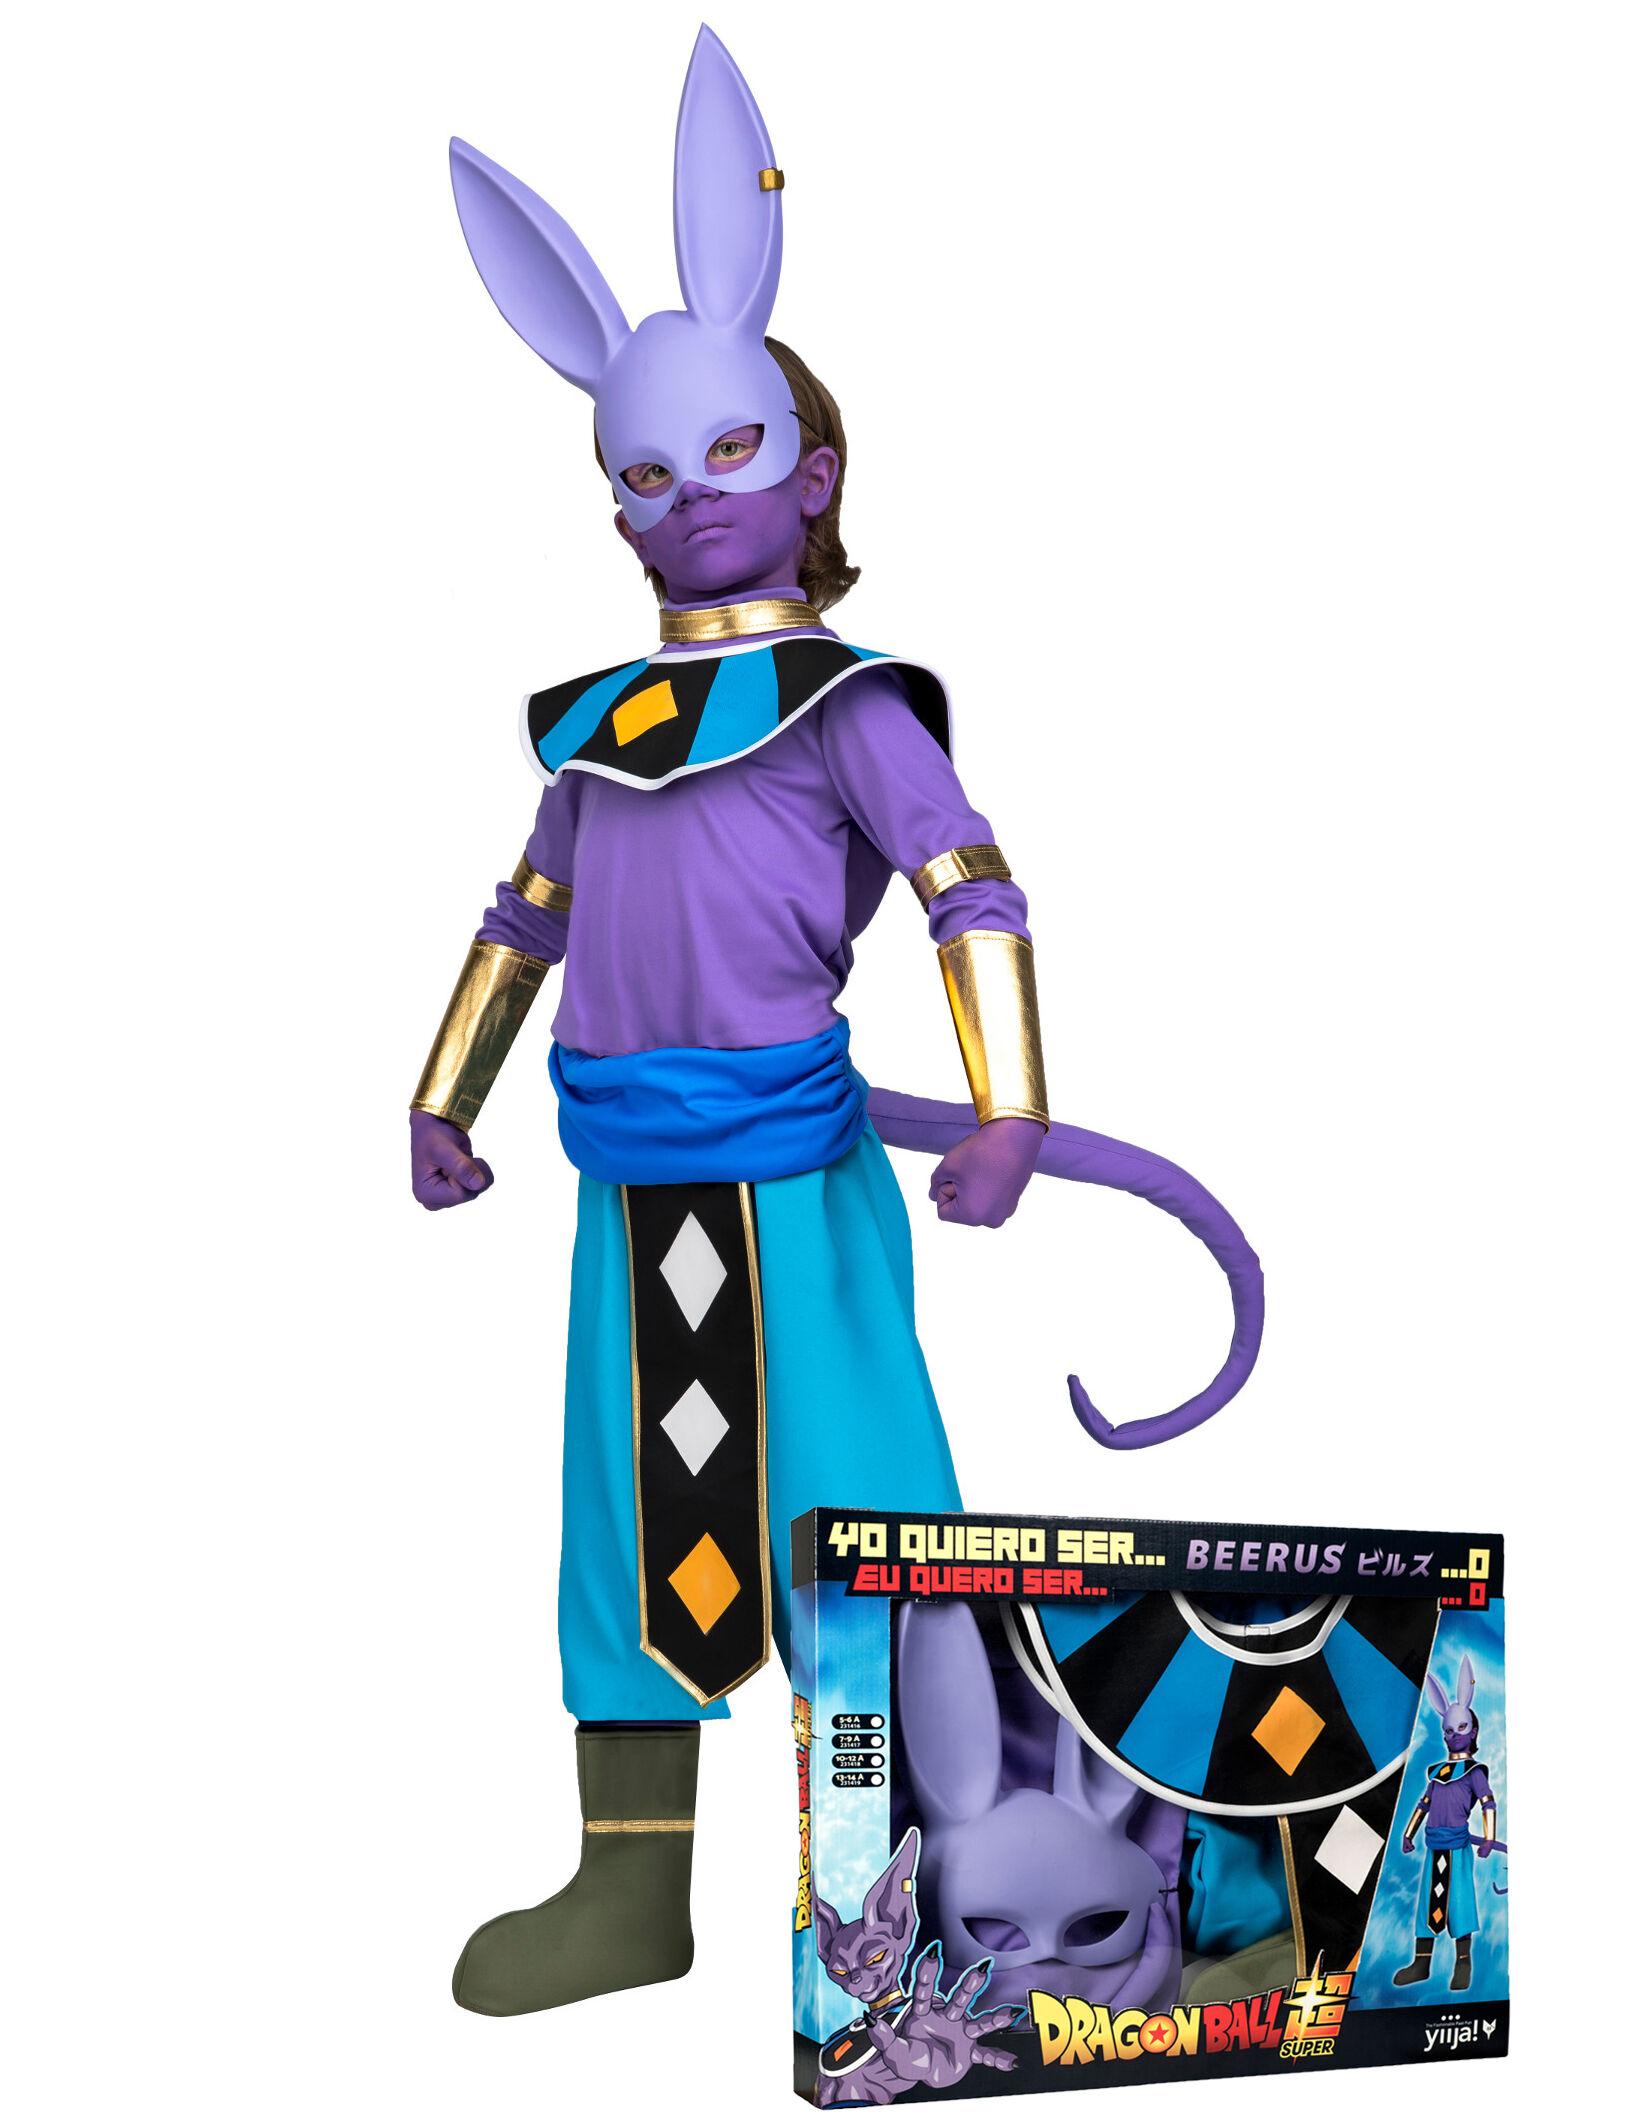 Deguisetoi Coffret déguisement avec masque Beerus Dragon Ball enfant - Taille: 13 - 14 ans (160 - 170 cm)